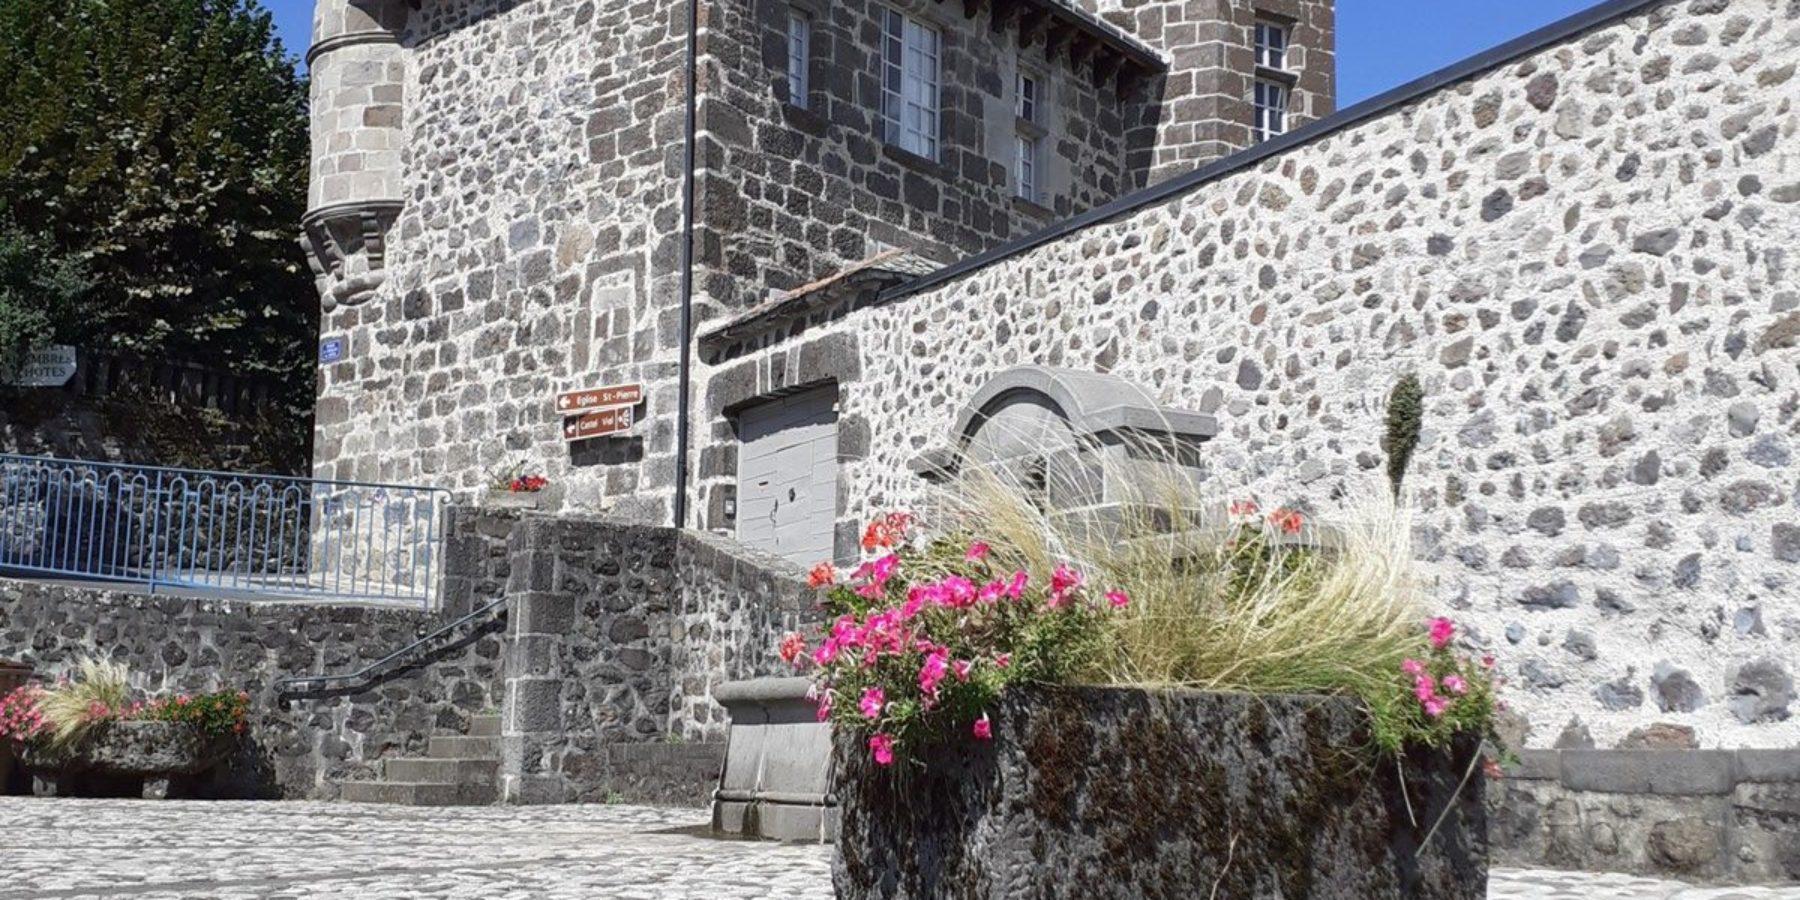 Surplombant la place principale du village, la Maison du Chevalier des Huttes (Auvergne, France) à Vic sur Cère crée le lien urbain à un séjour de découverte du Cantal, de son terroir et de sa nature préservée.